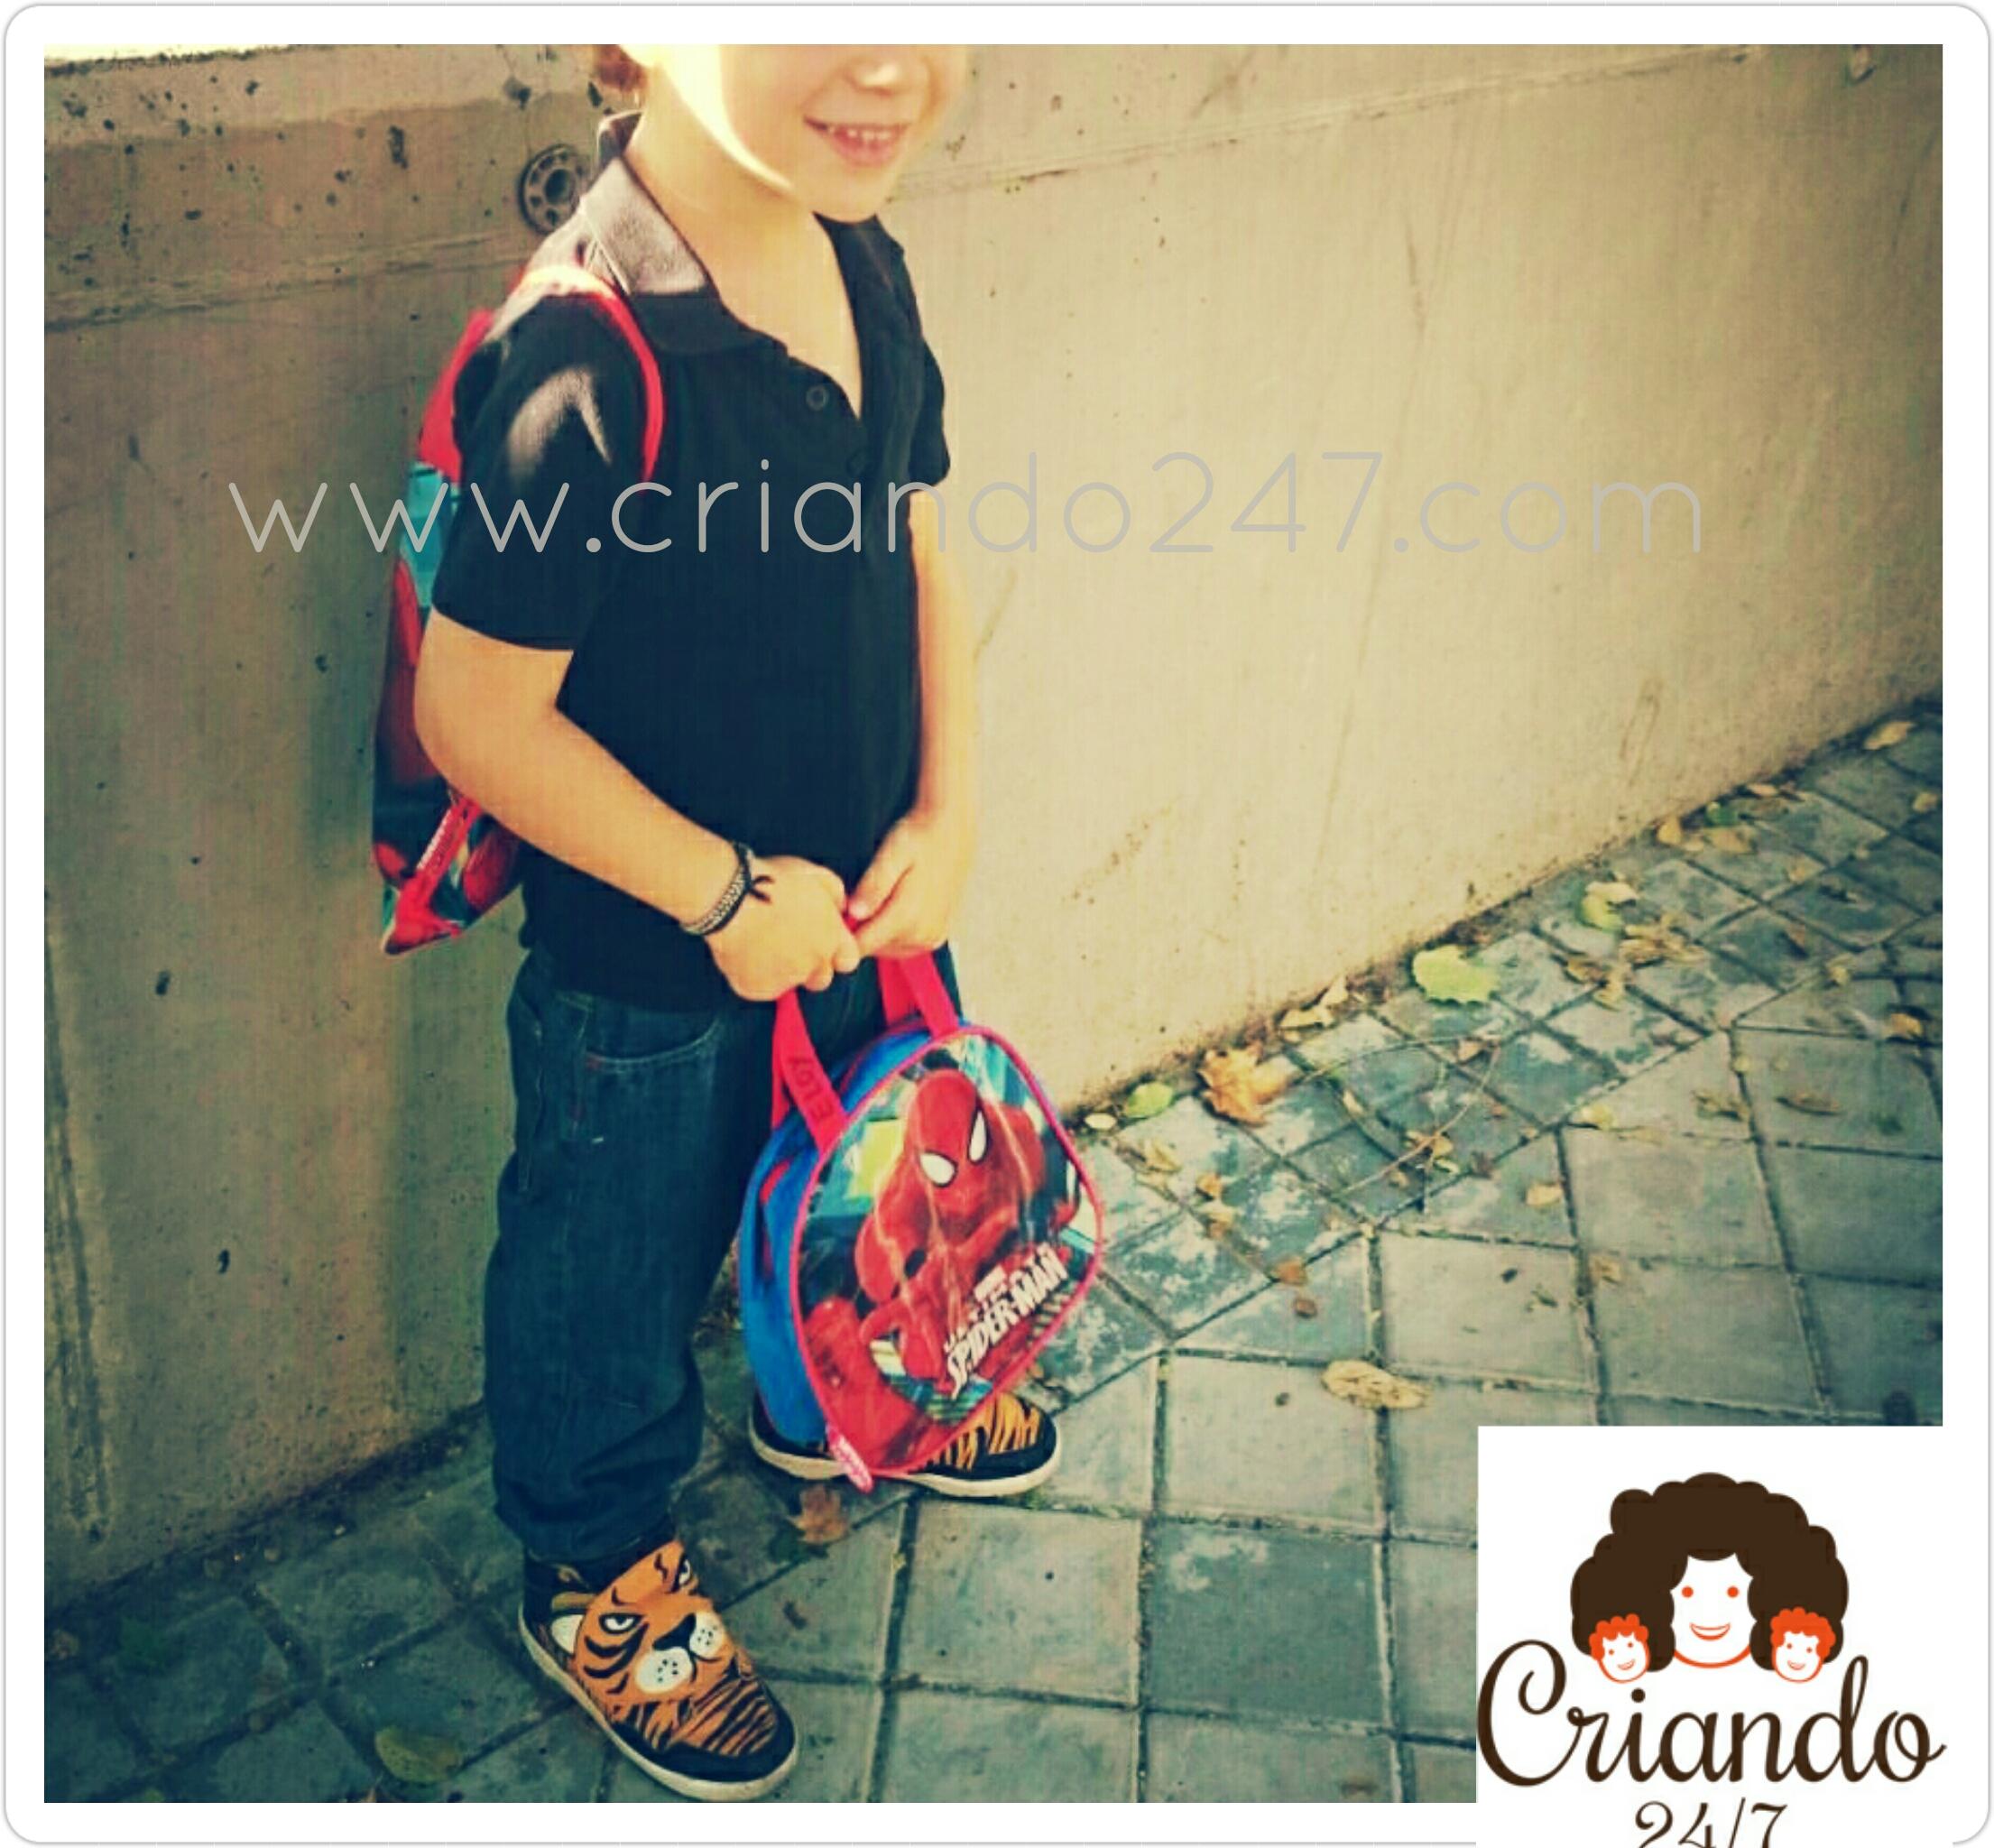 mi hijo sonriendo, de pie, con una mochila colgada en la espalda y una bolsa de merienda en las manos.